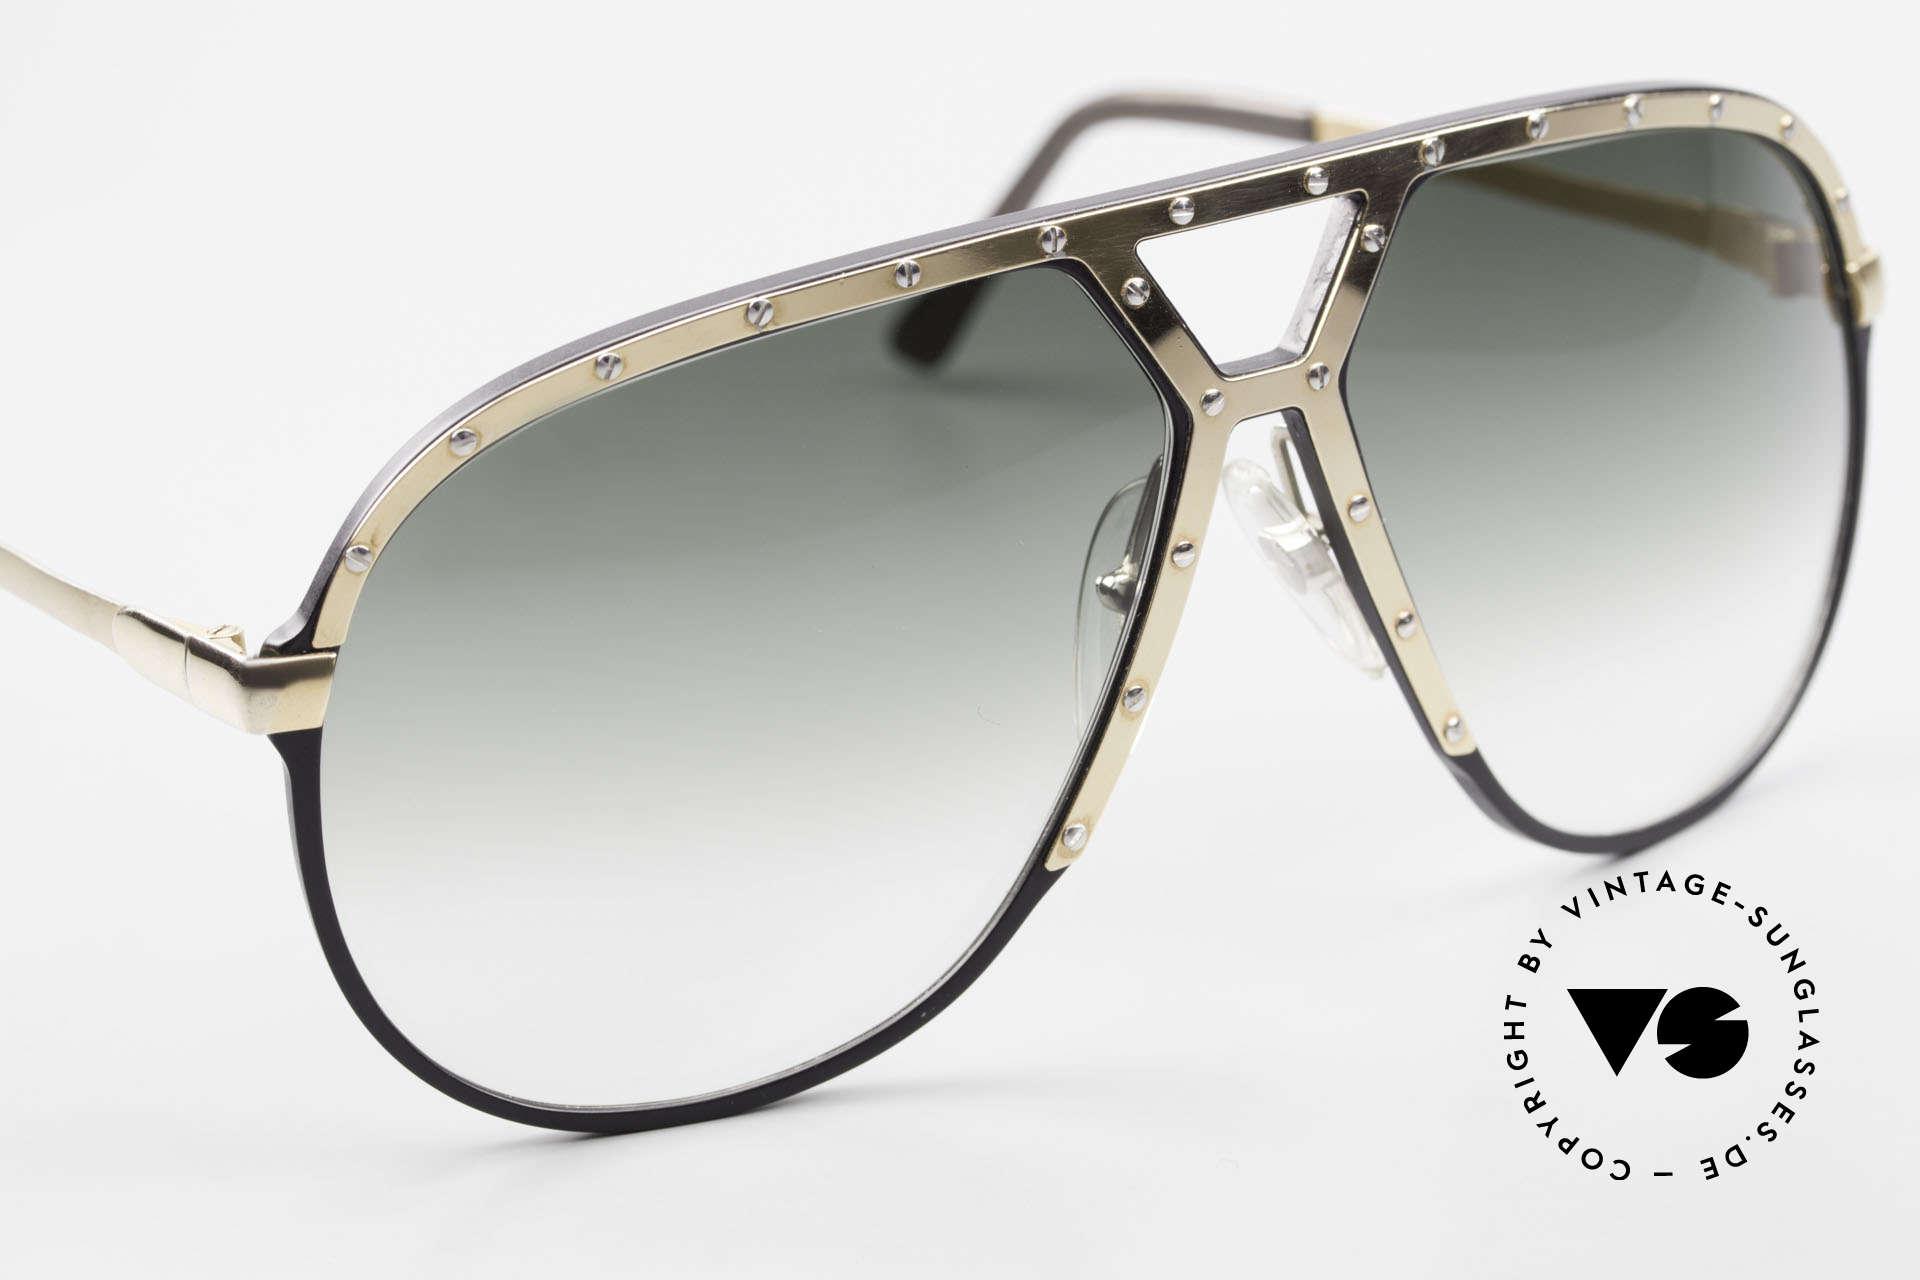 Alpina M1 80er Sonnenbrille W Germany, ungetragenes Sammlerstück (inkl. BVLGARI Etui), Passend für Herren